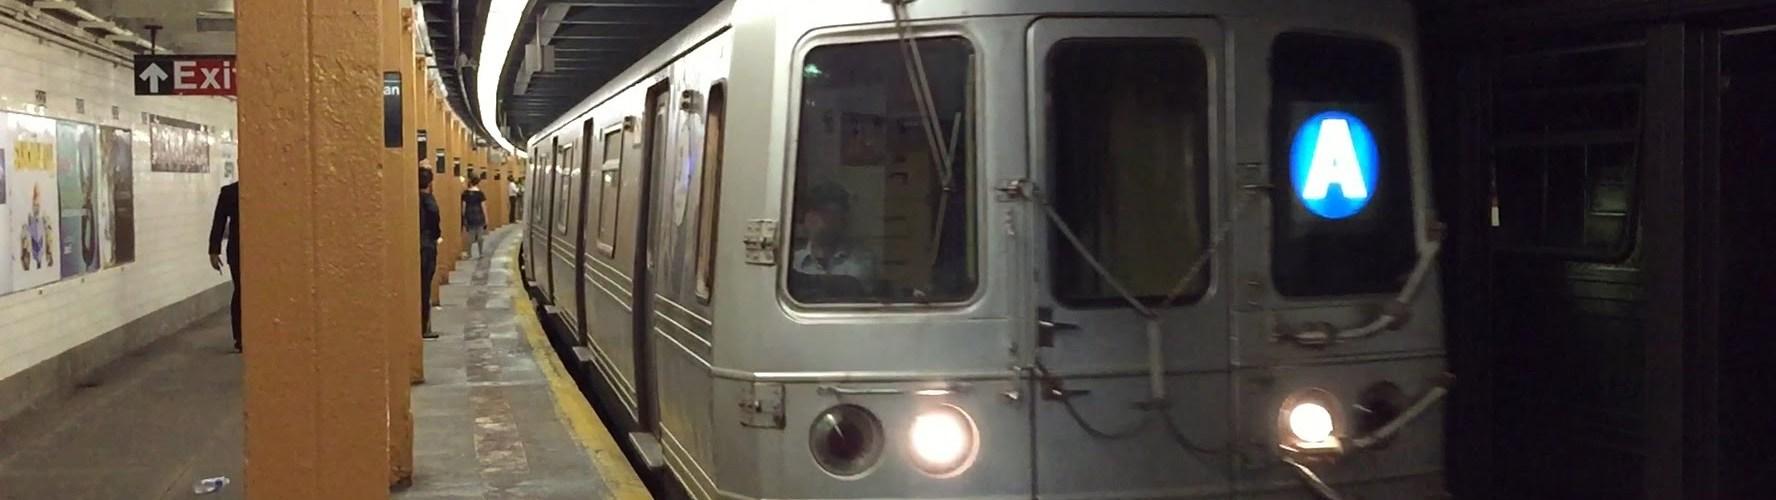 Taxista dominicano se suicida en área de tren